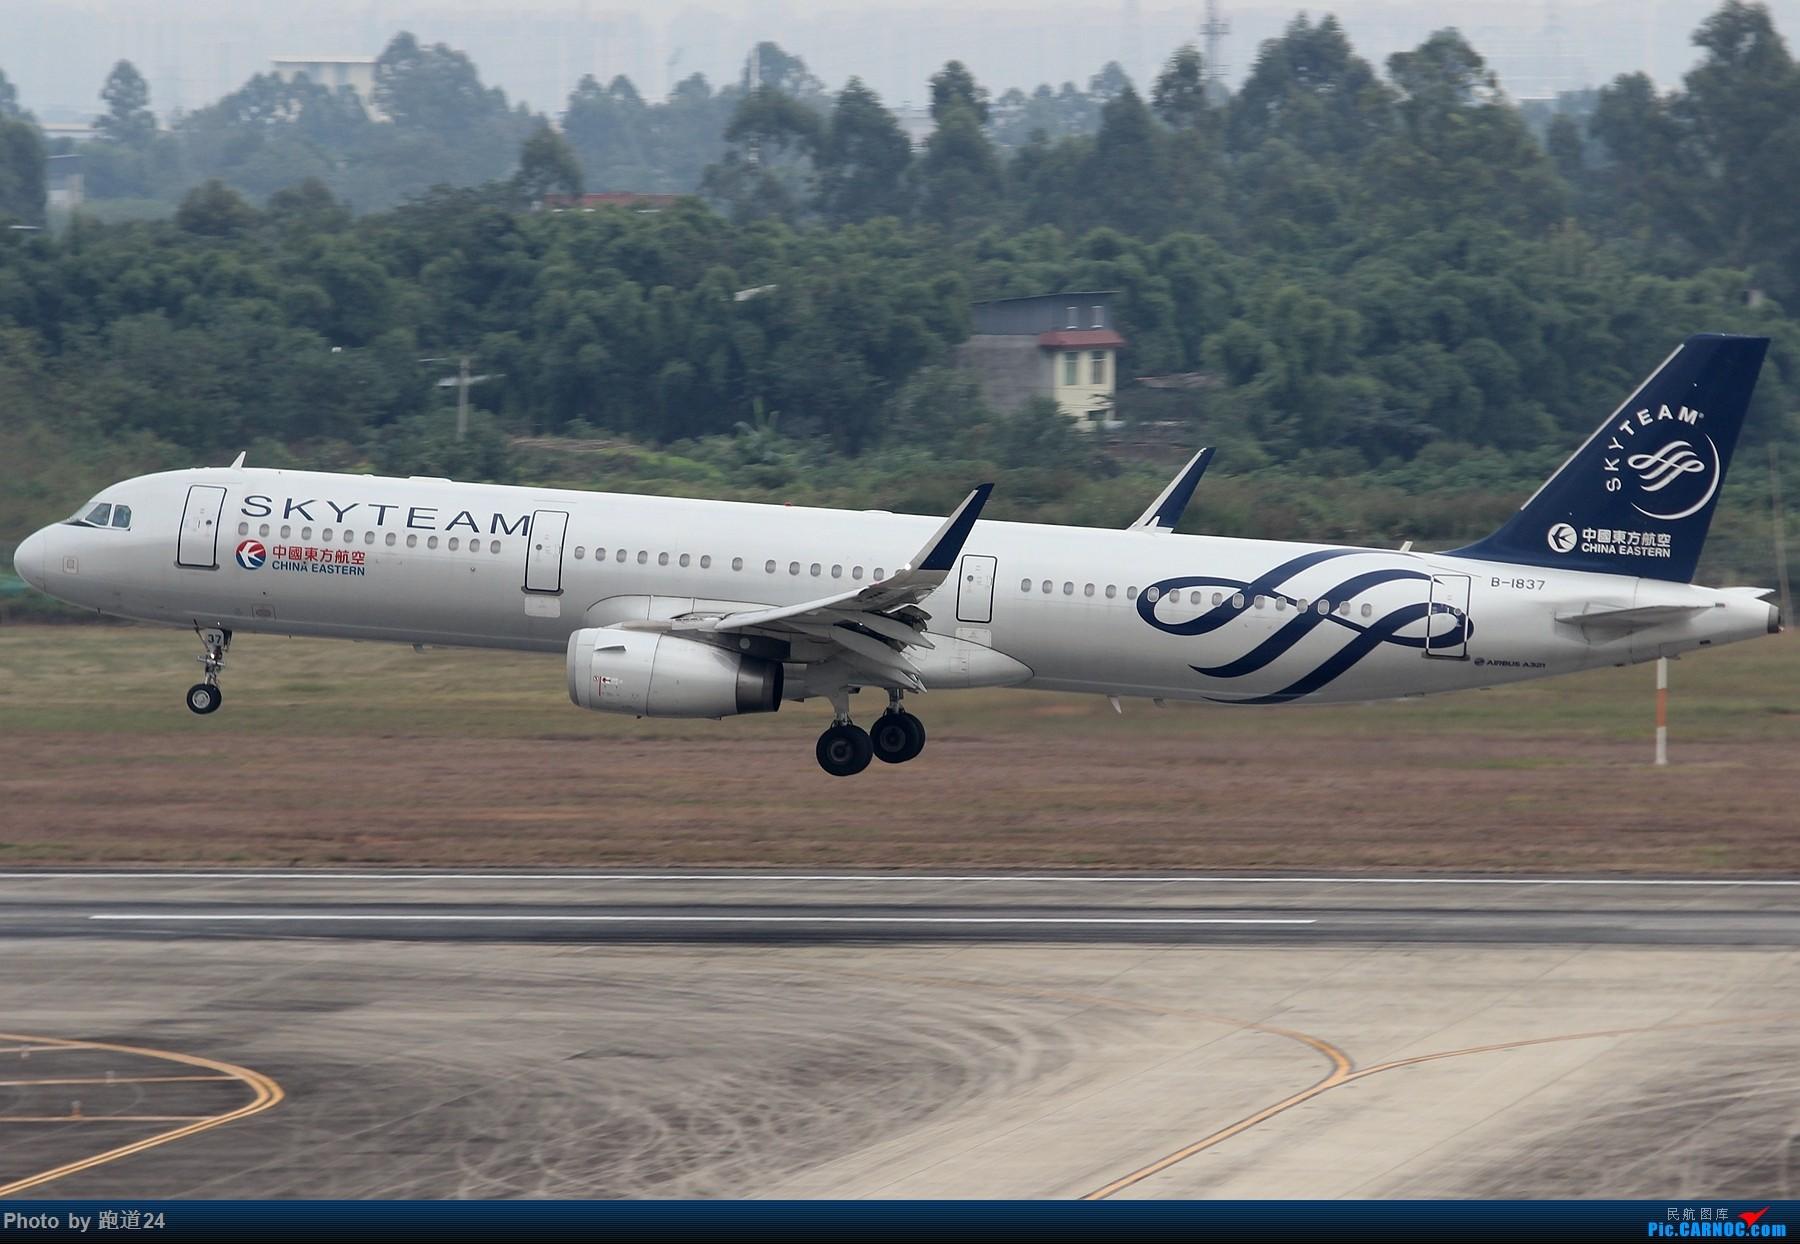 Re:[原创][原创]【多图党】国庆烂天10.7拍机 1800*1200 AIRBUS A321-200 B-1837 中国成都双流国际机场